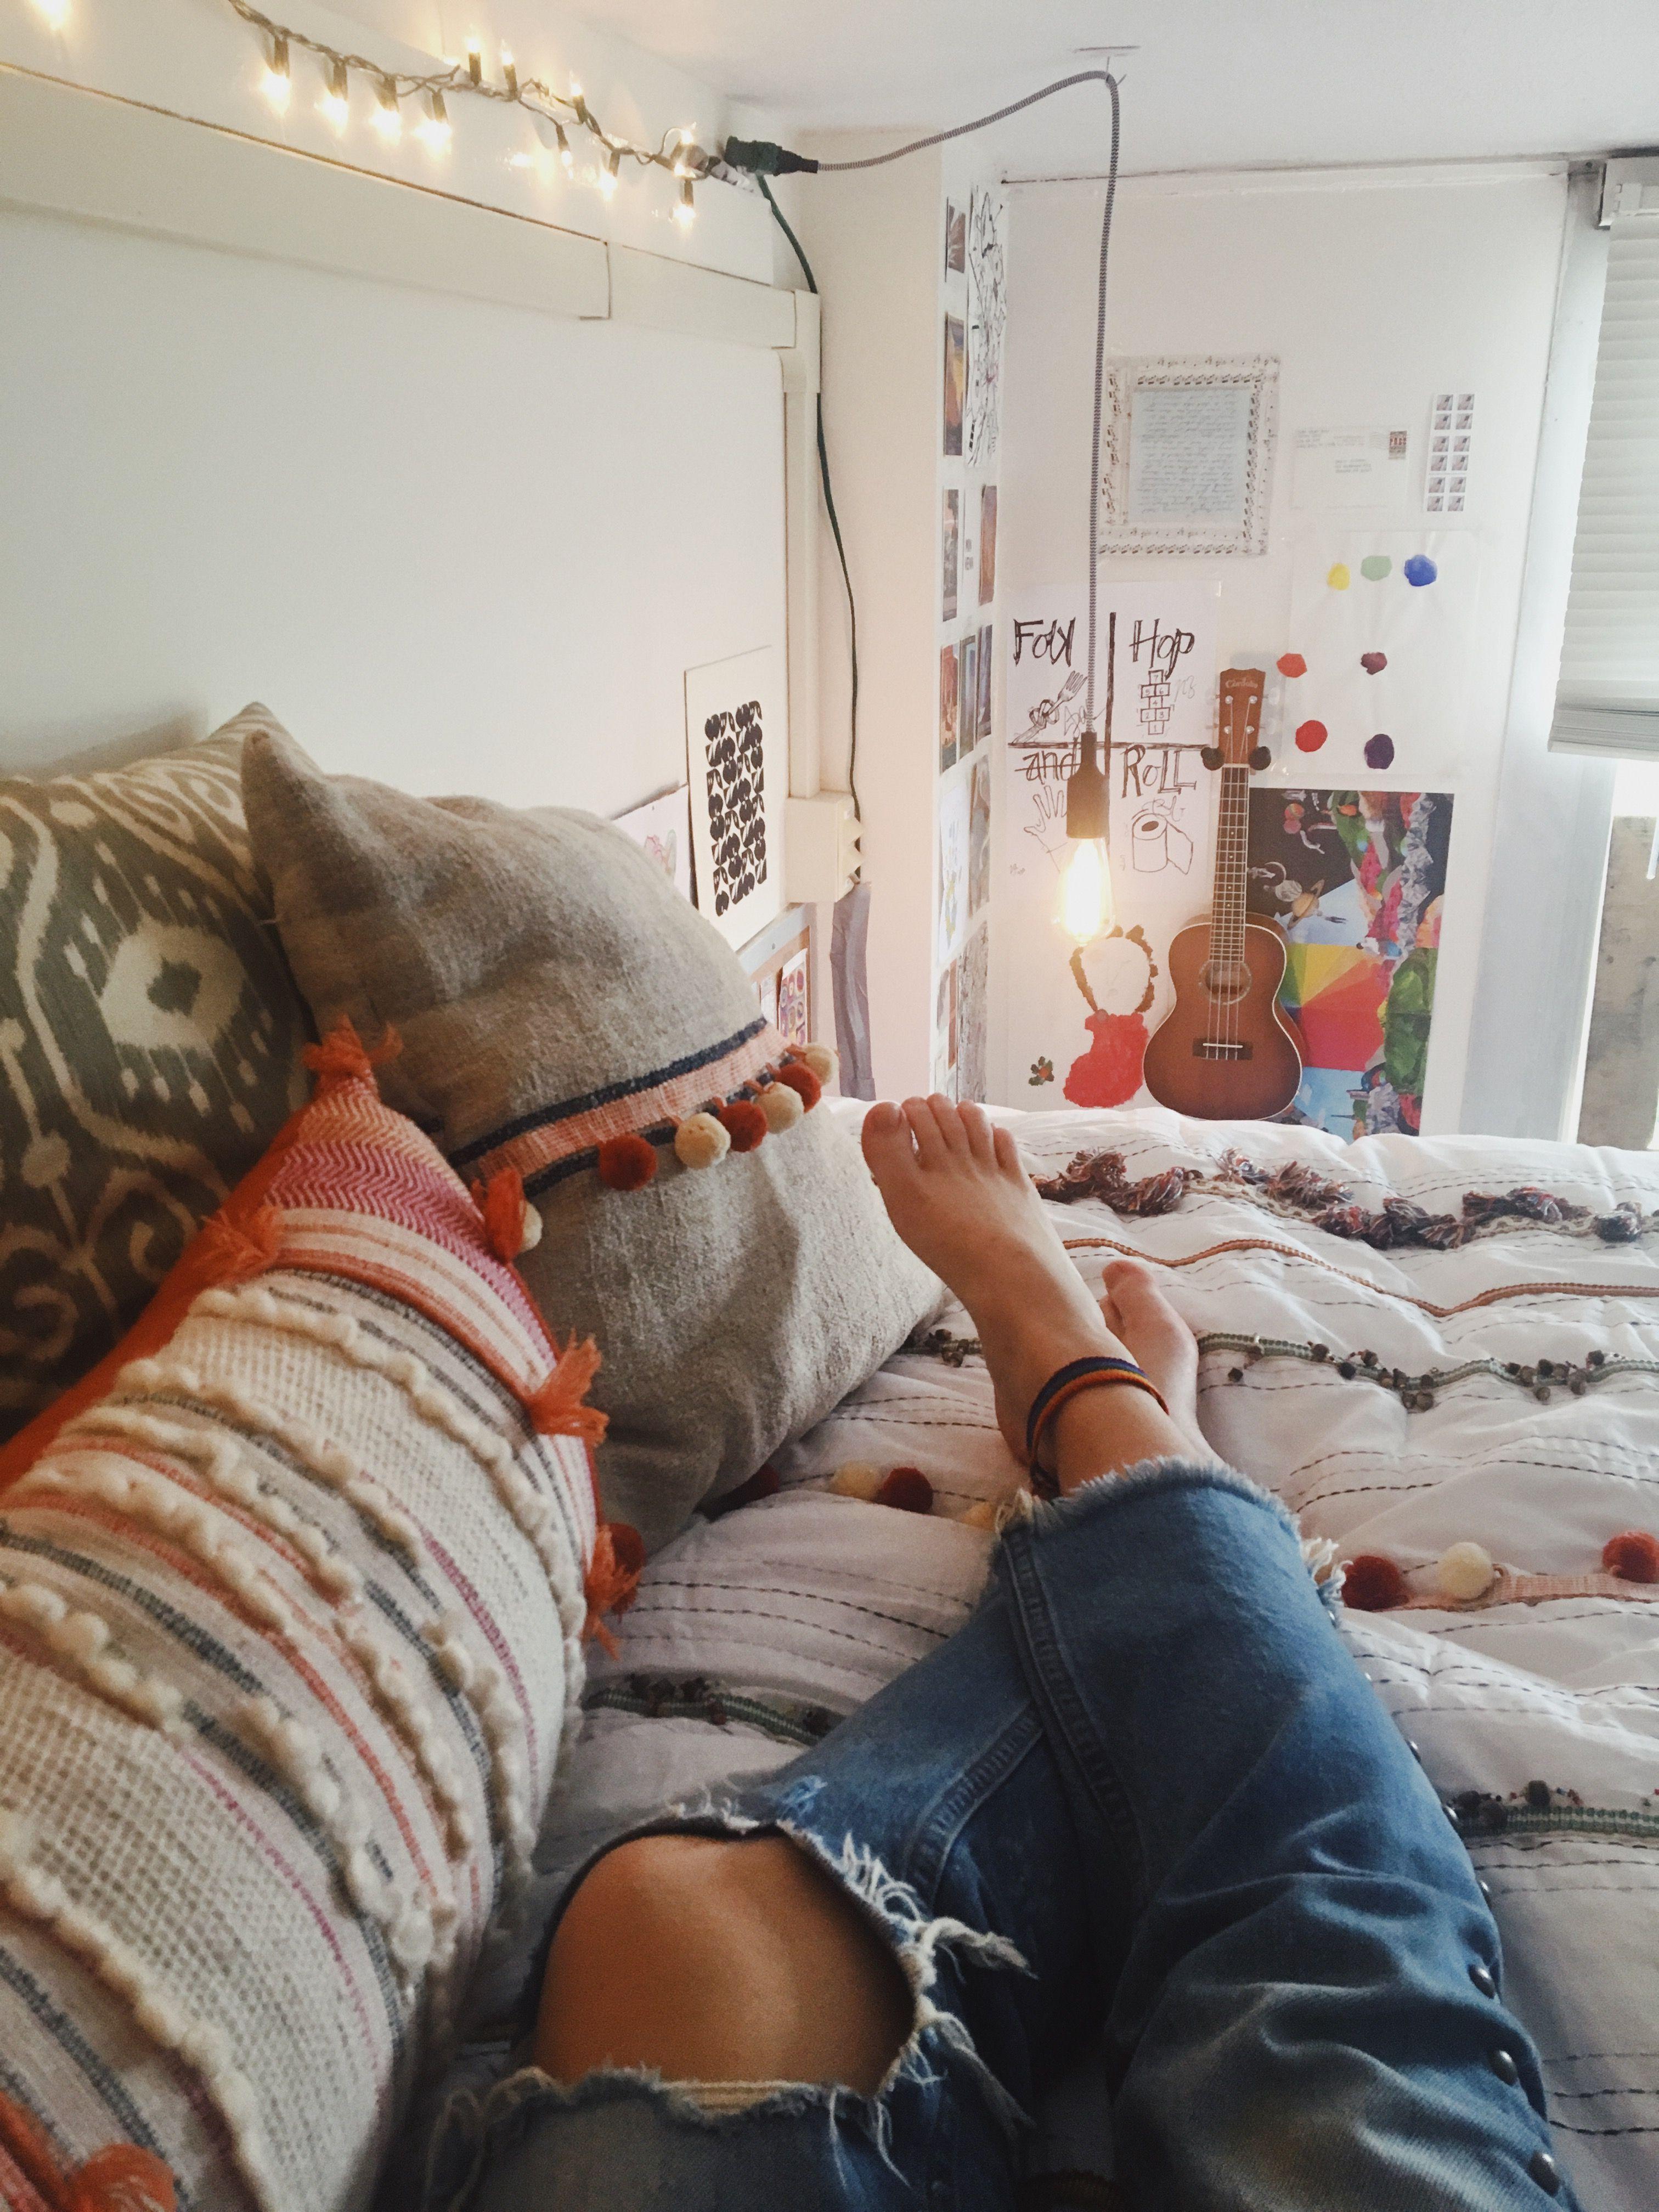 Pin by Anita De la rica on Deco | Pinterest | Dorm, Dorm life and ...